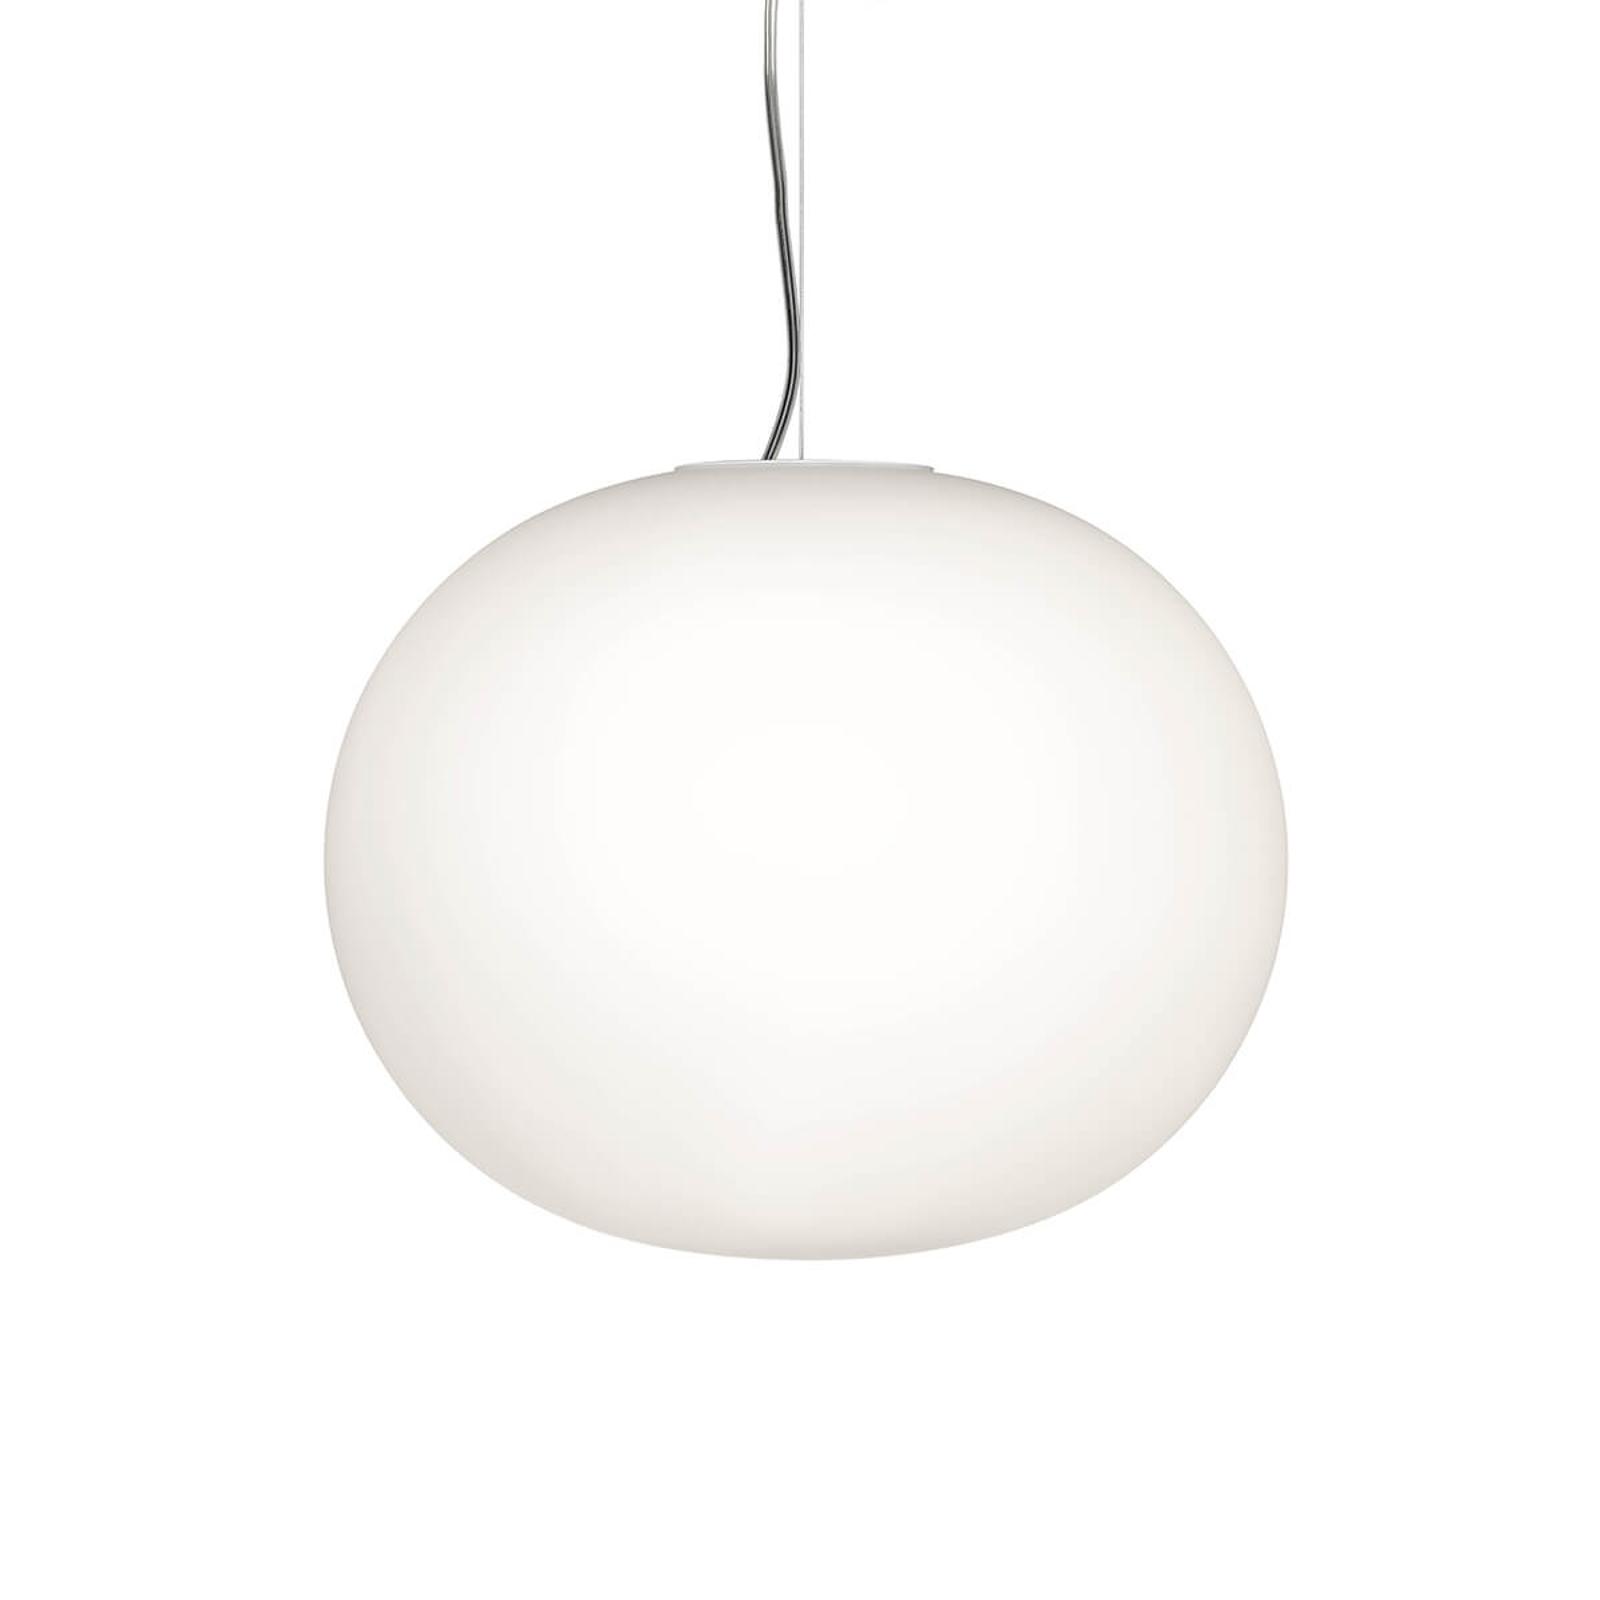 Pyöreä riippukattovalaisin GLO-BALL 33 cm